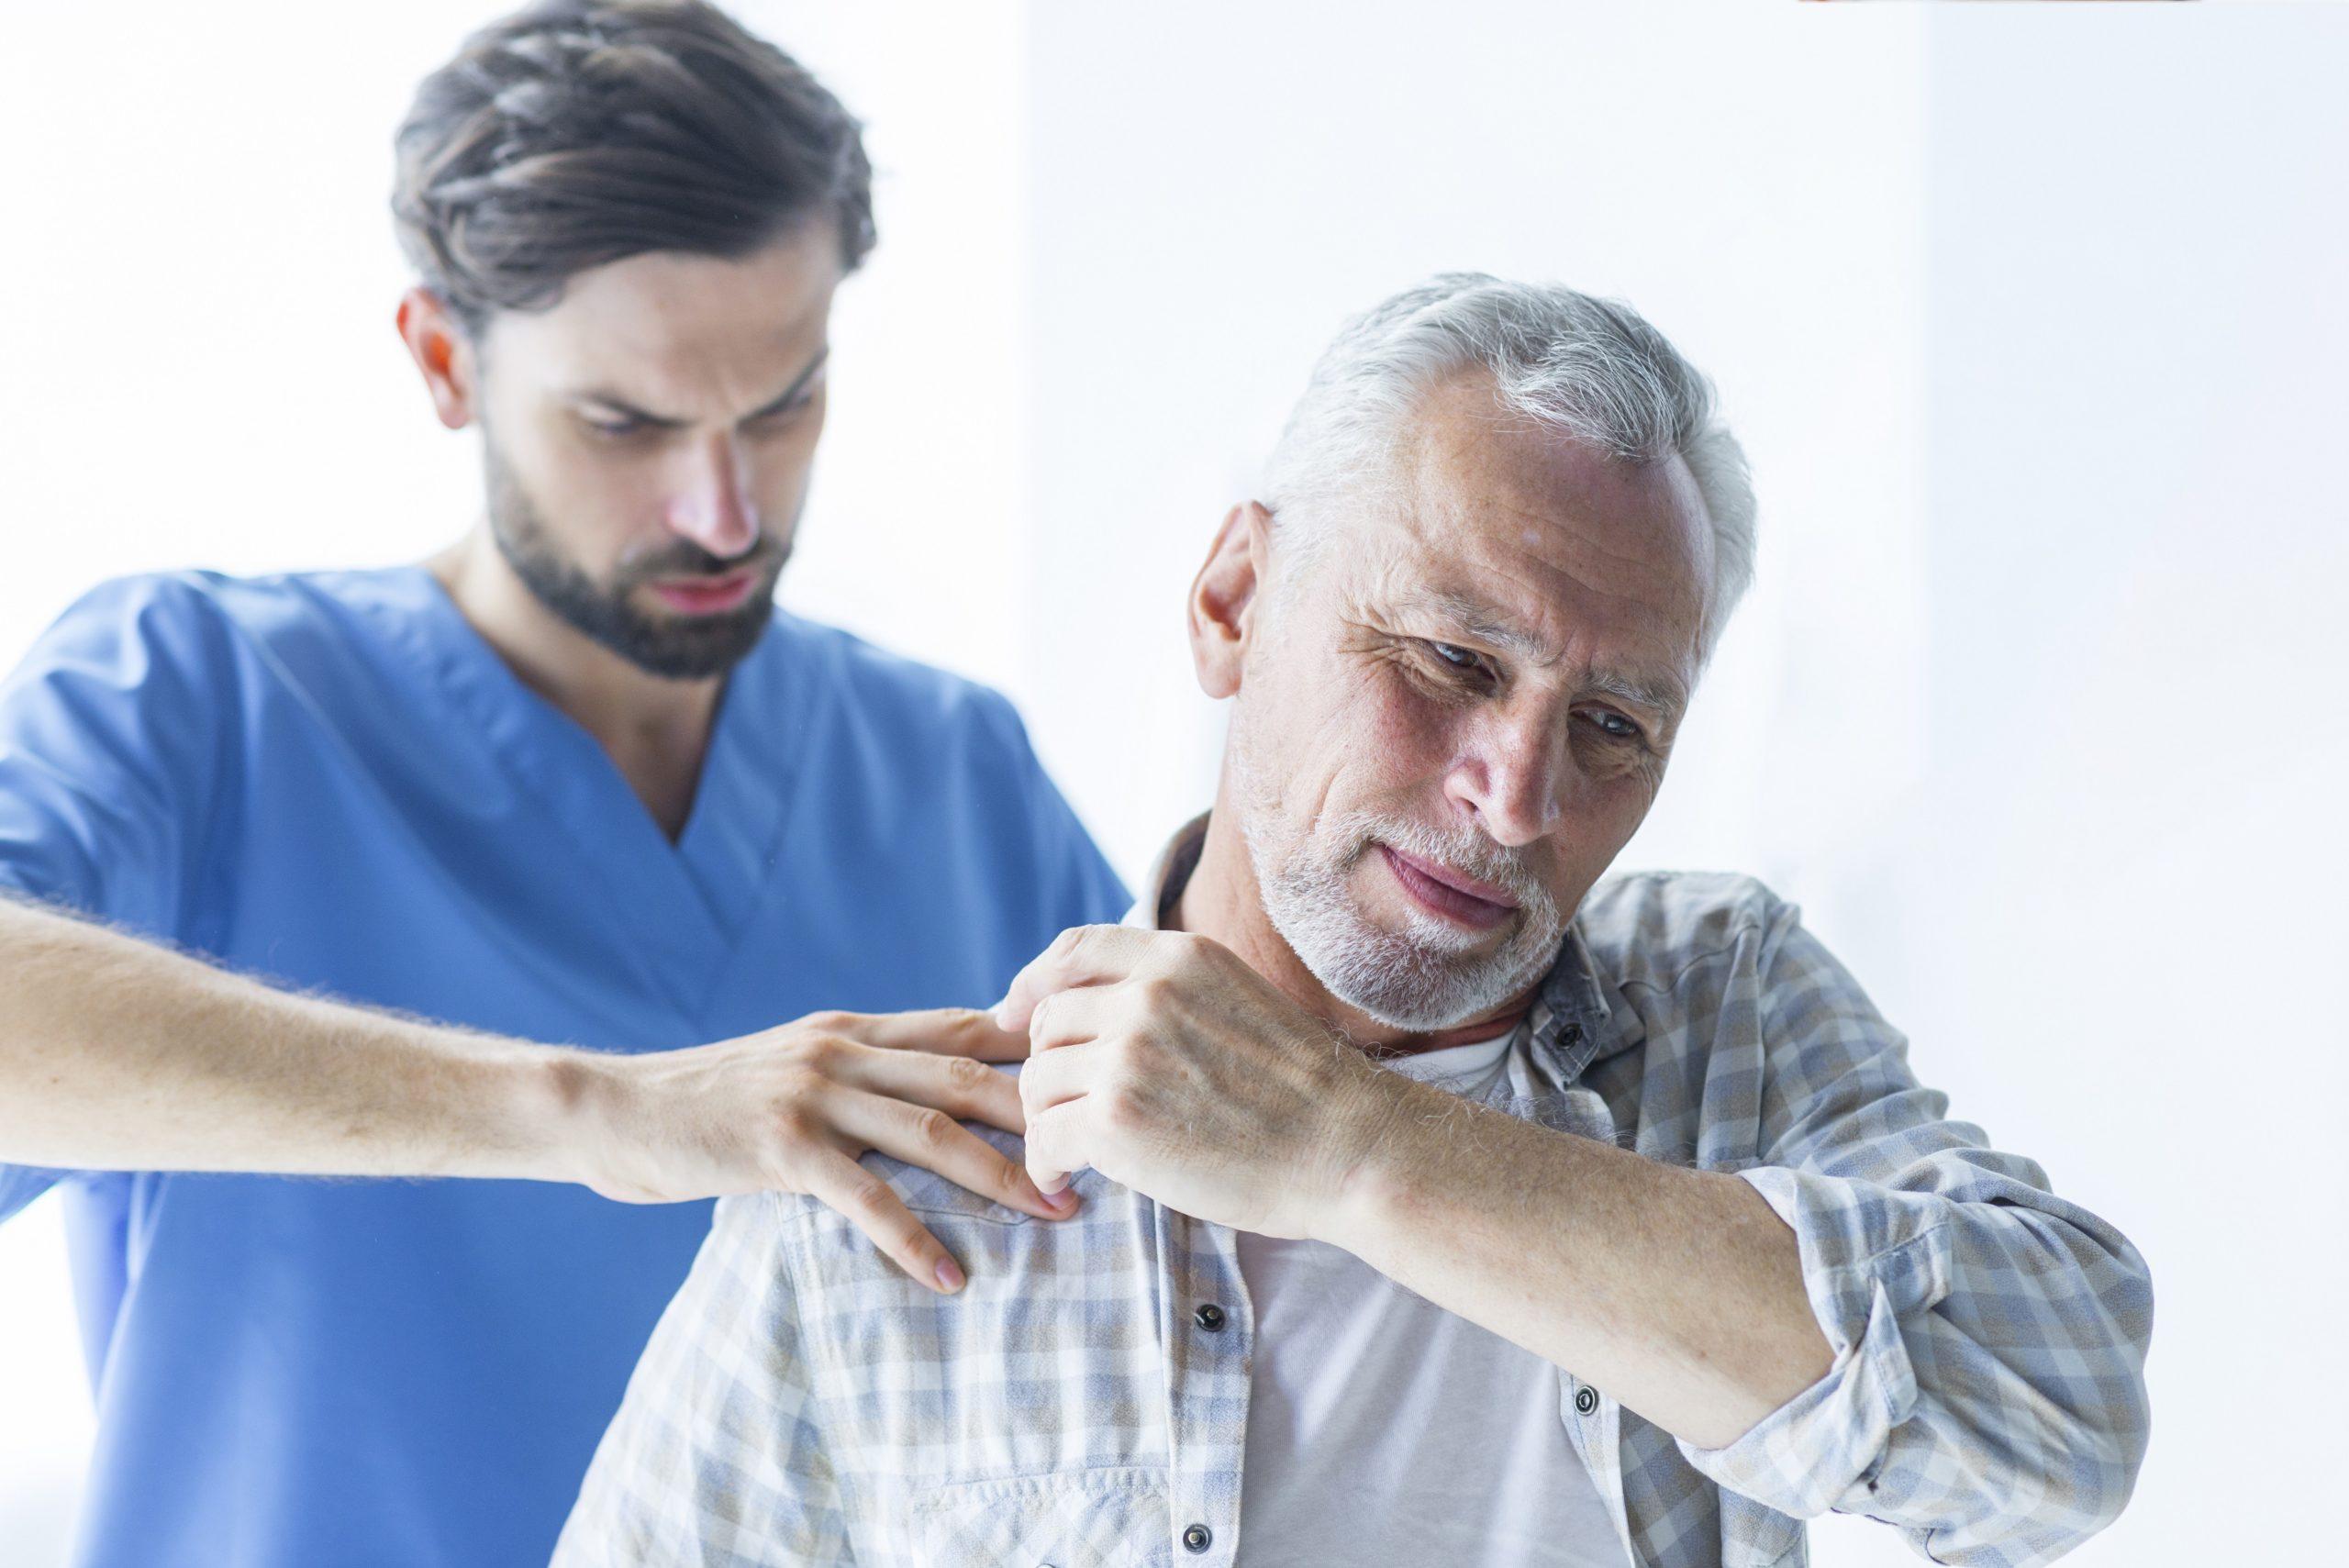 דלקת בכתף- טיפול טבעי עם מכשיר בי קיור לייזר